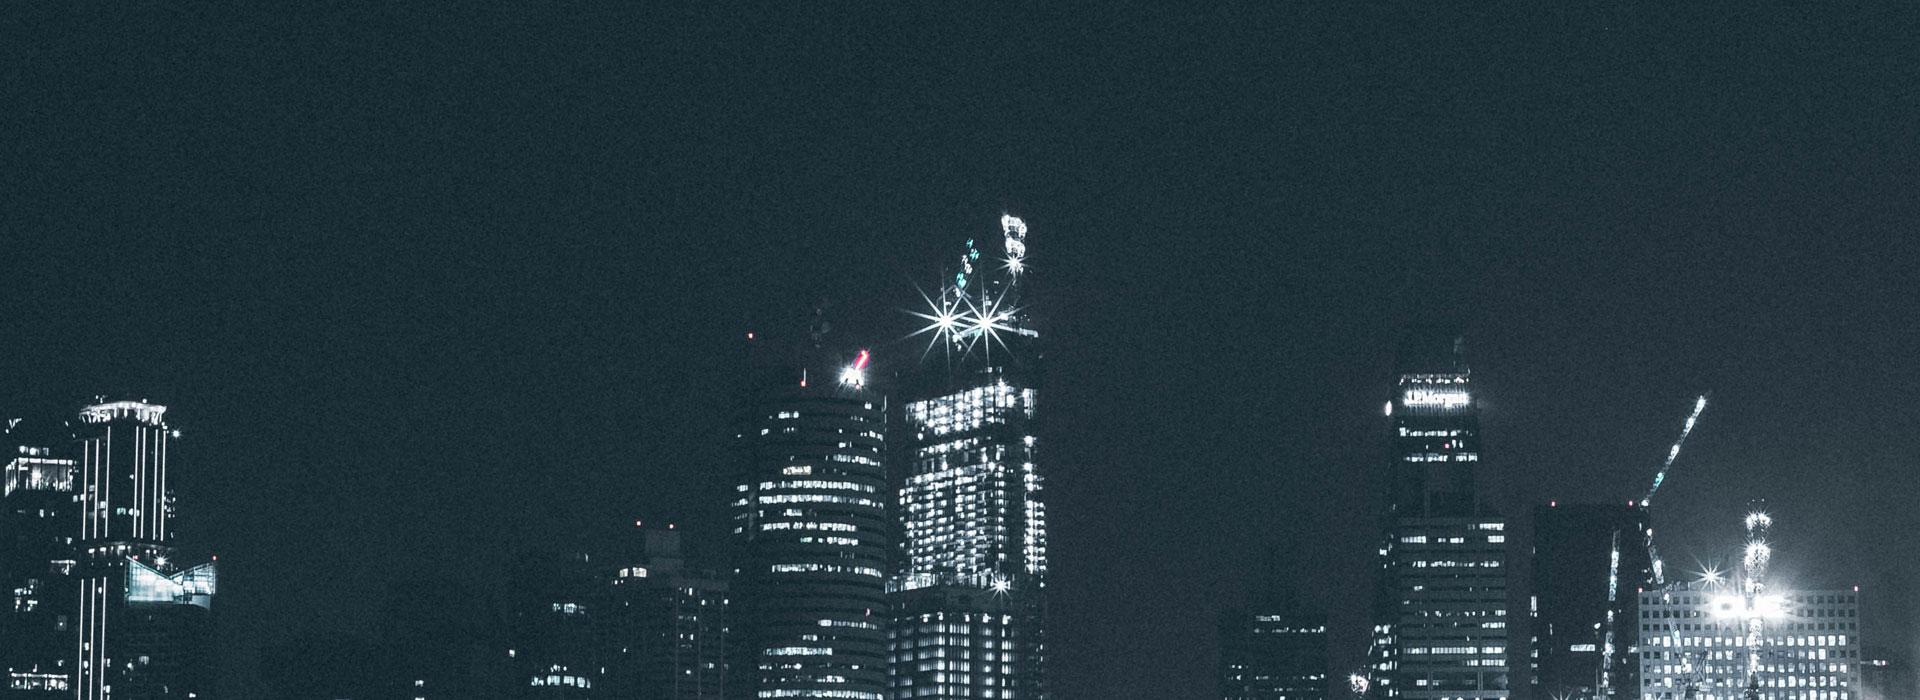 skyline notturno di una città con grattacieli